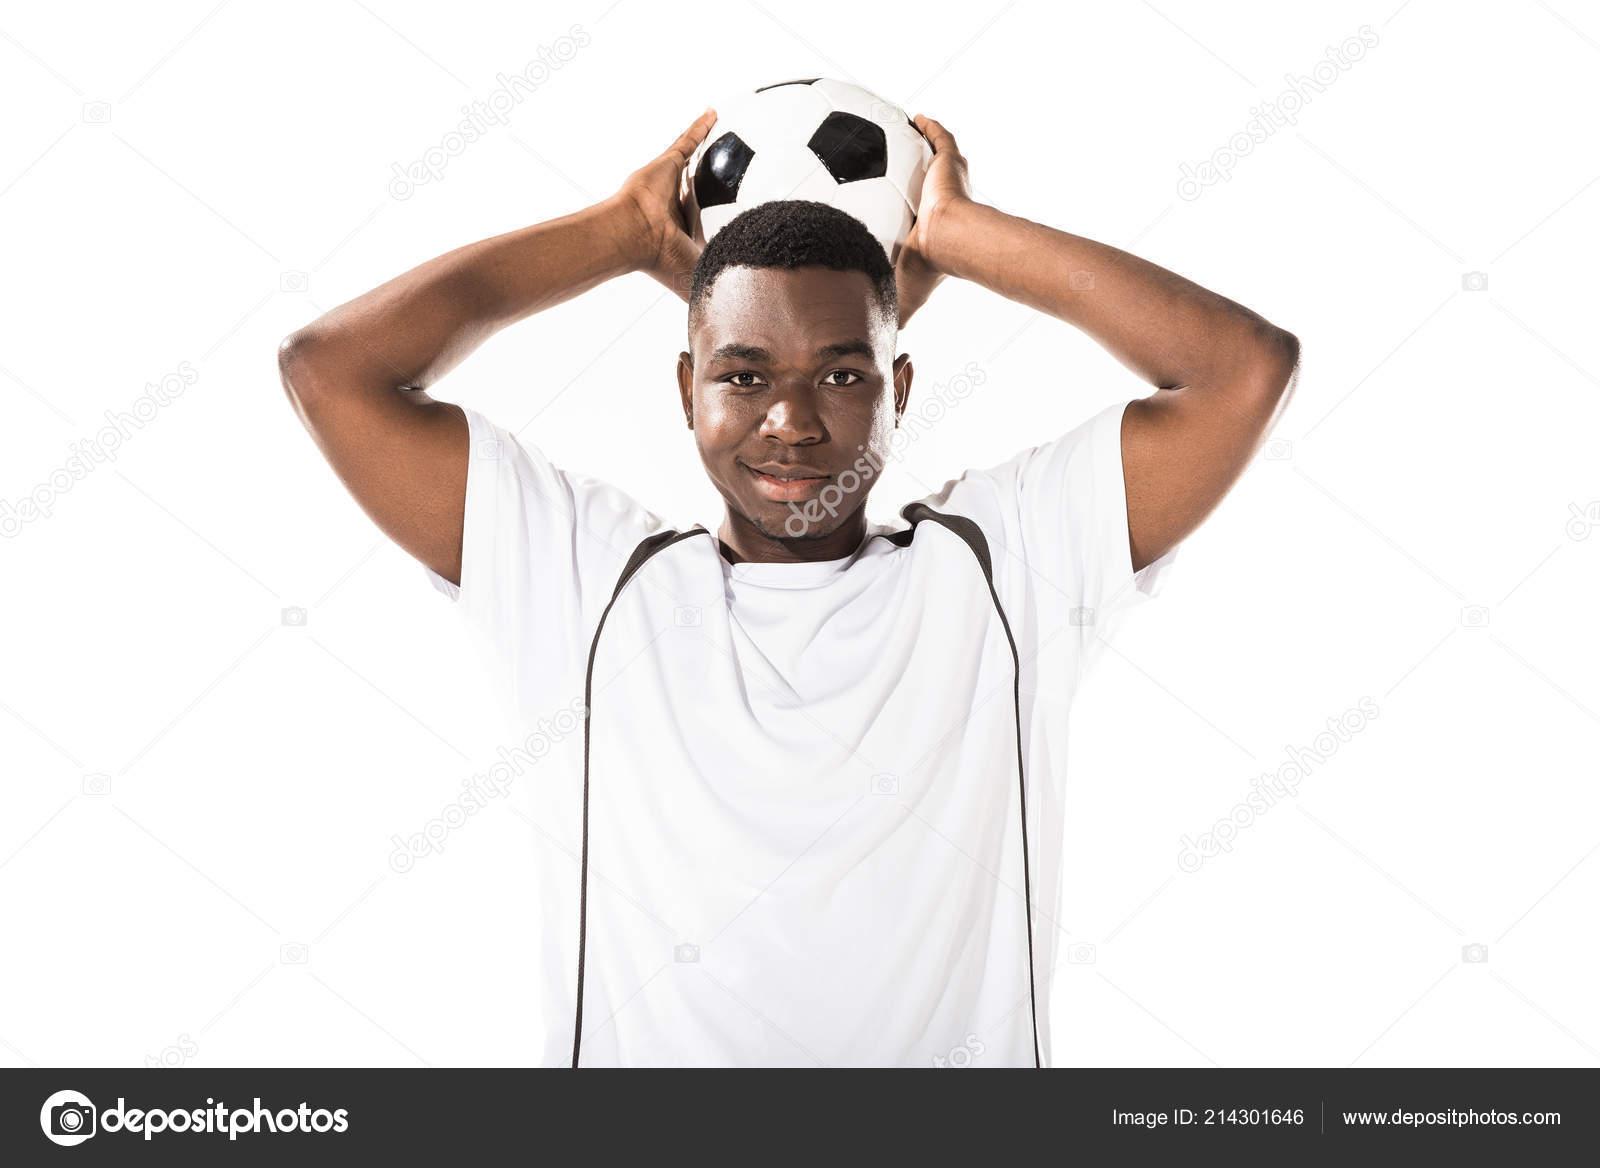 6edc7b09a Jogador Futebol Americano Africano Jovem Segurando Uma Bola Sobre Cabeça —  Fotografia de Stock